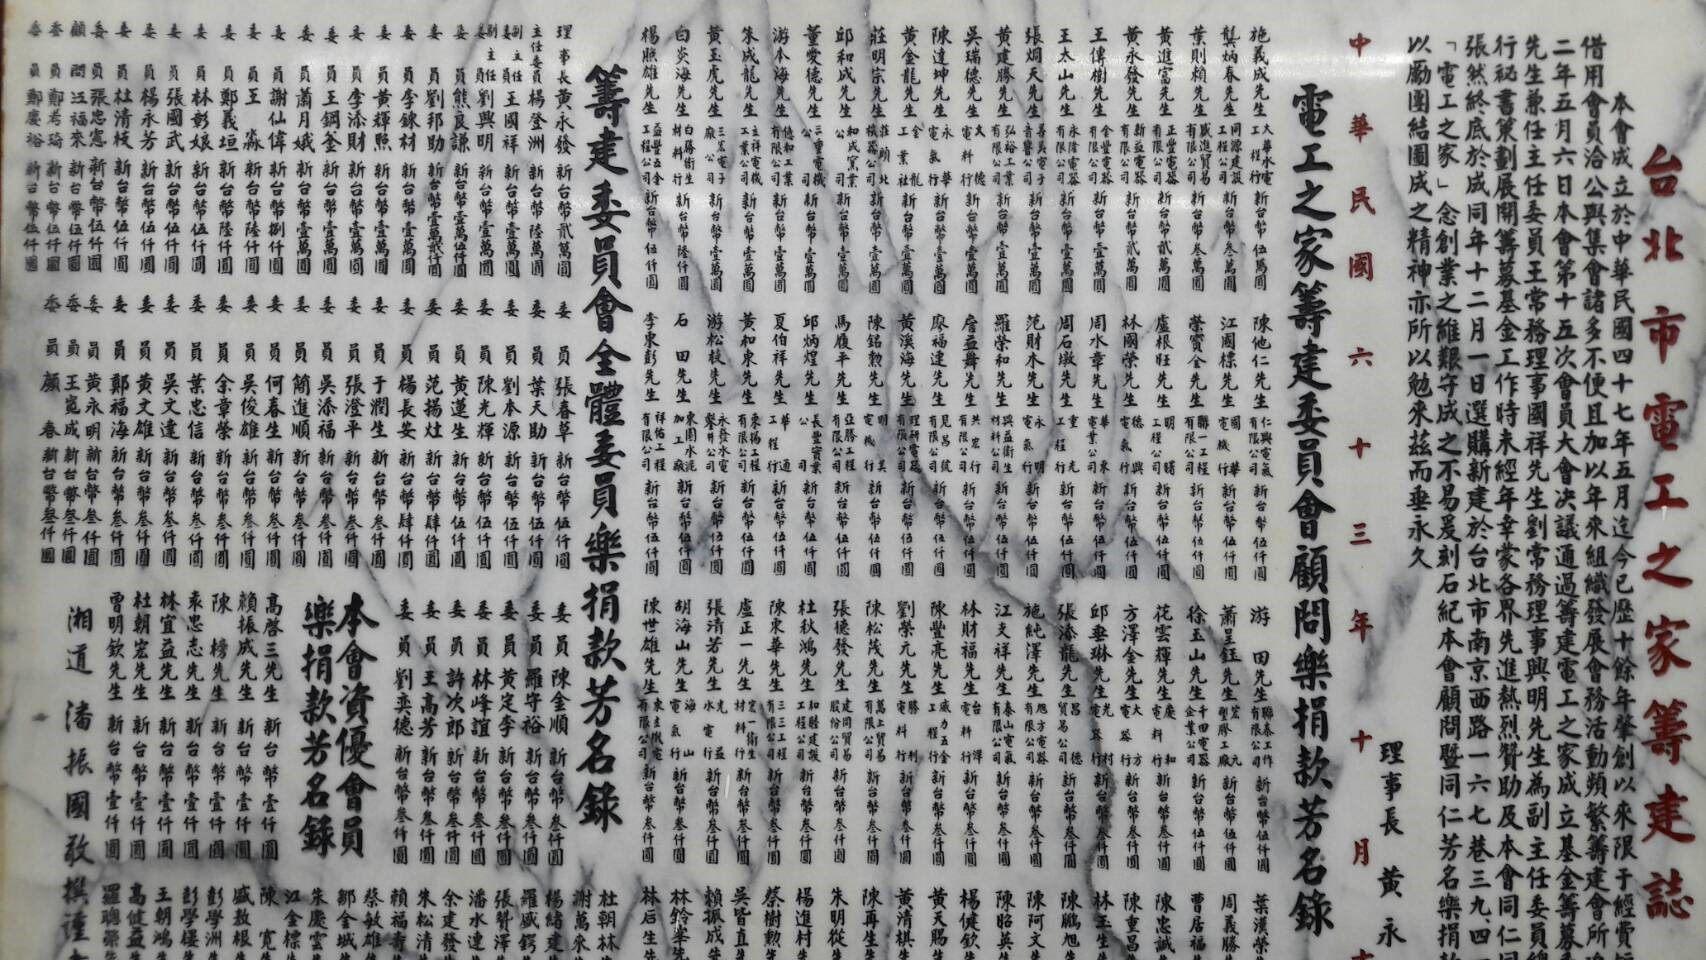 1973年工會透過會員以數千至萬元不等的金額小額樂捐,募資成立電工之家,即為當時的工會會所。(圖片提供/臺北市電氣裝置業職業工會)